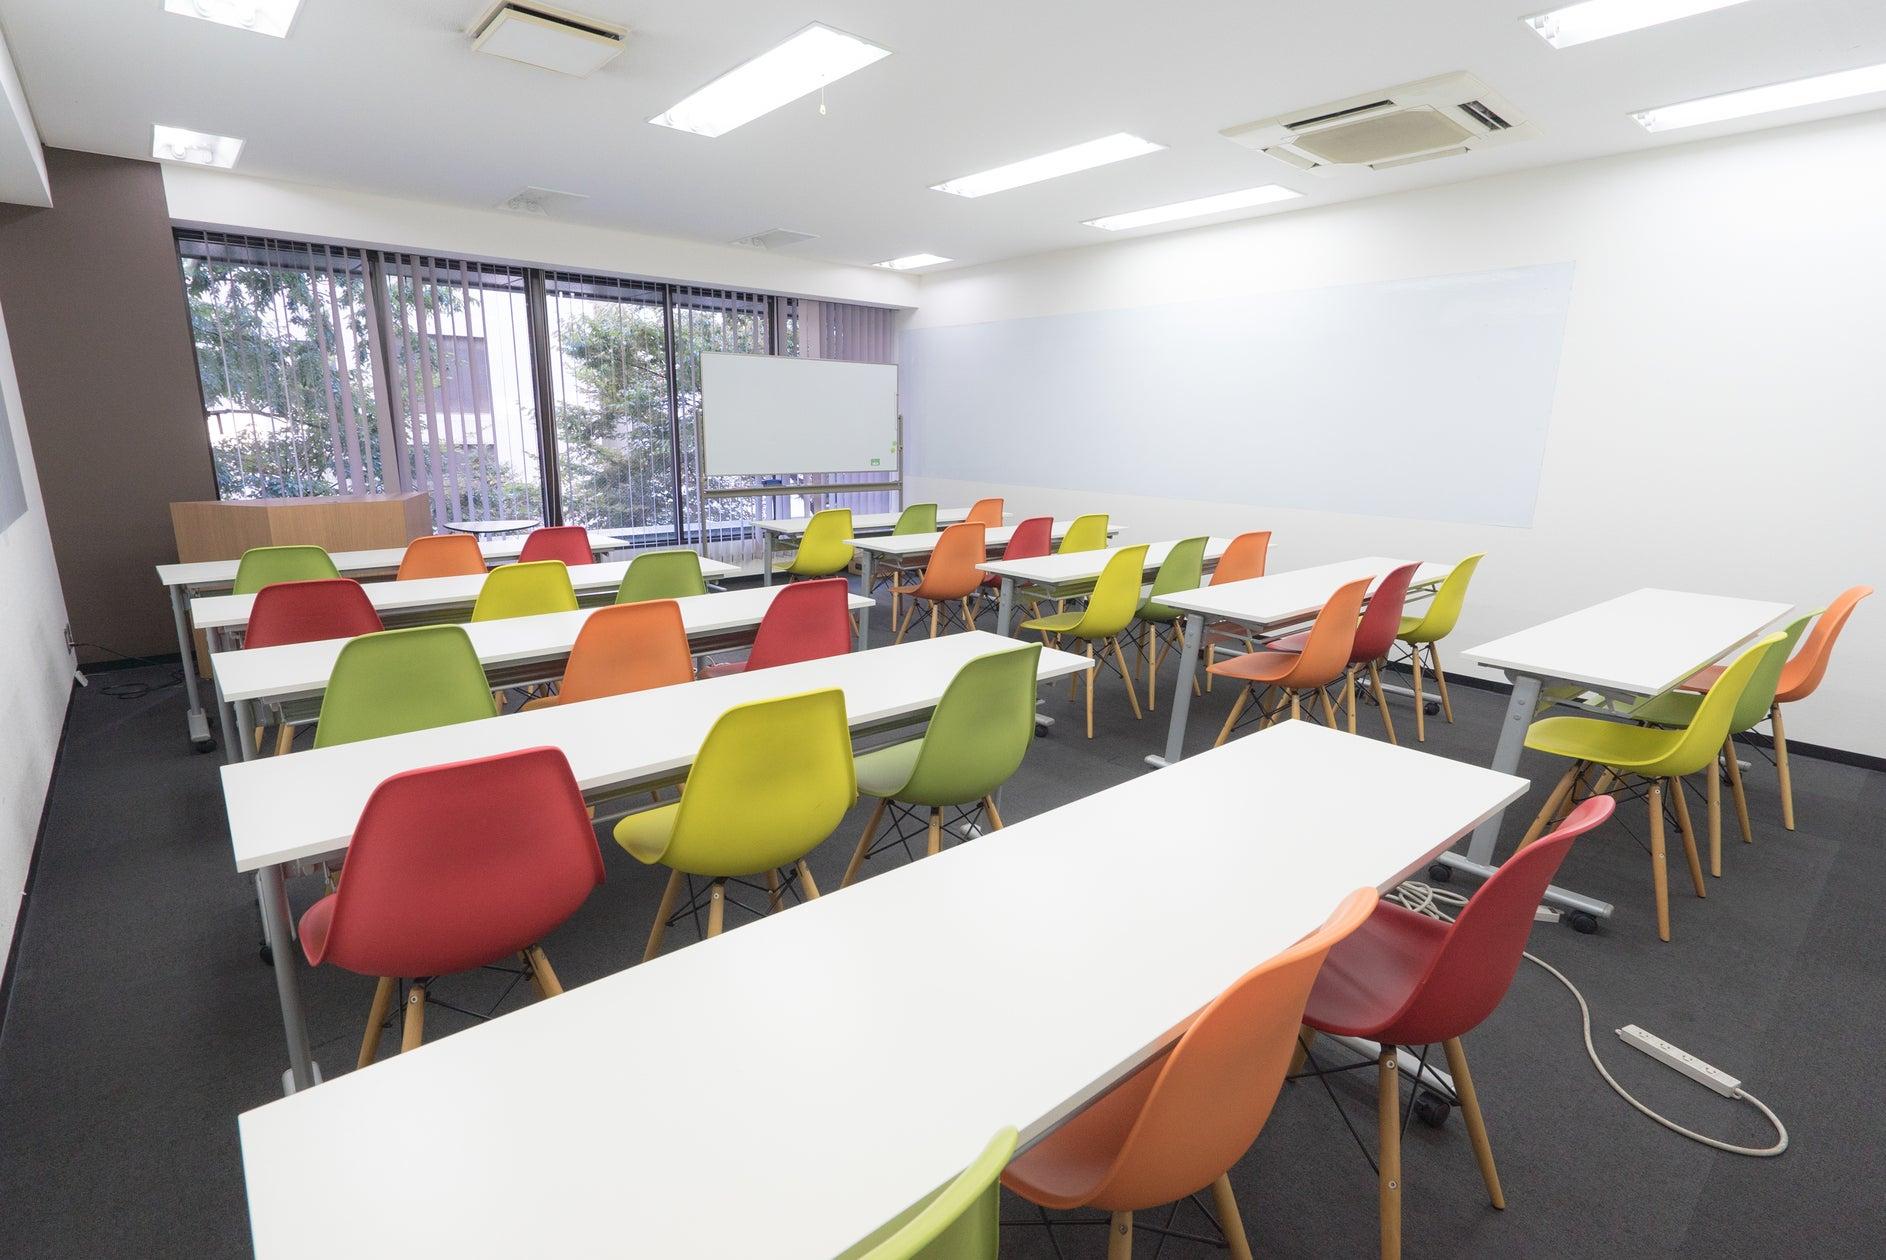 【博多駅すぐオフィスビル】A03(30名収容):カラフルで明るいスペース!会議・セミナー・イベント・説明会・スクールに